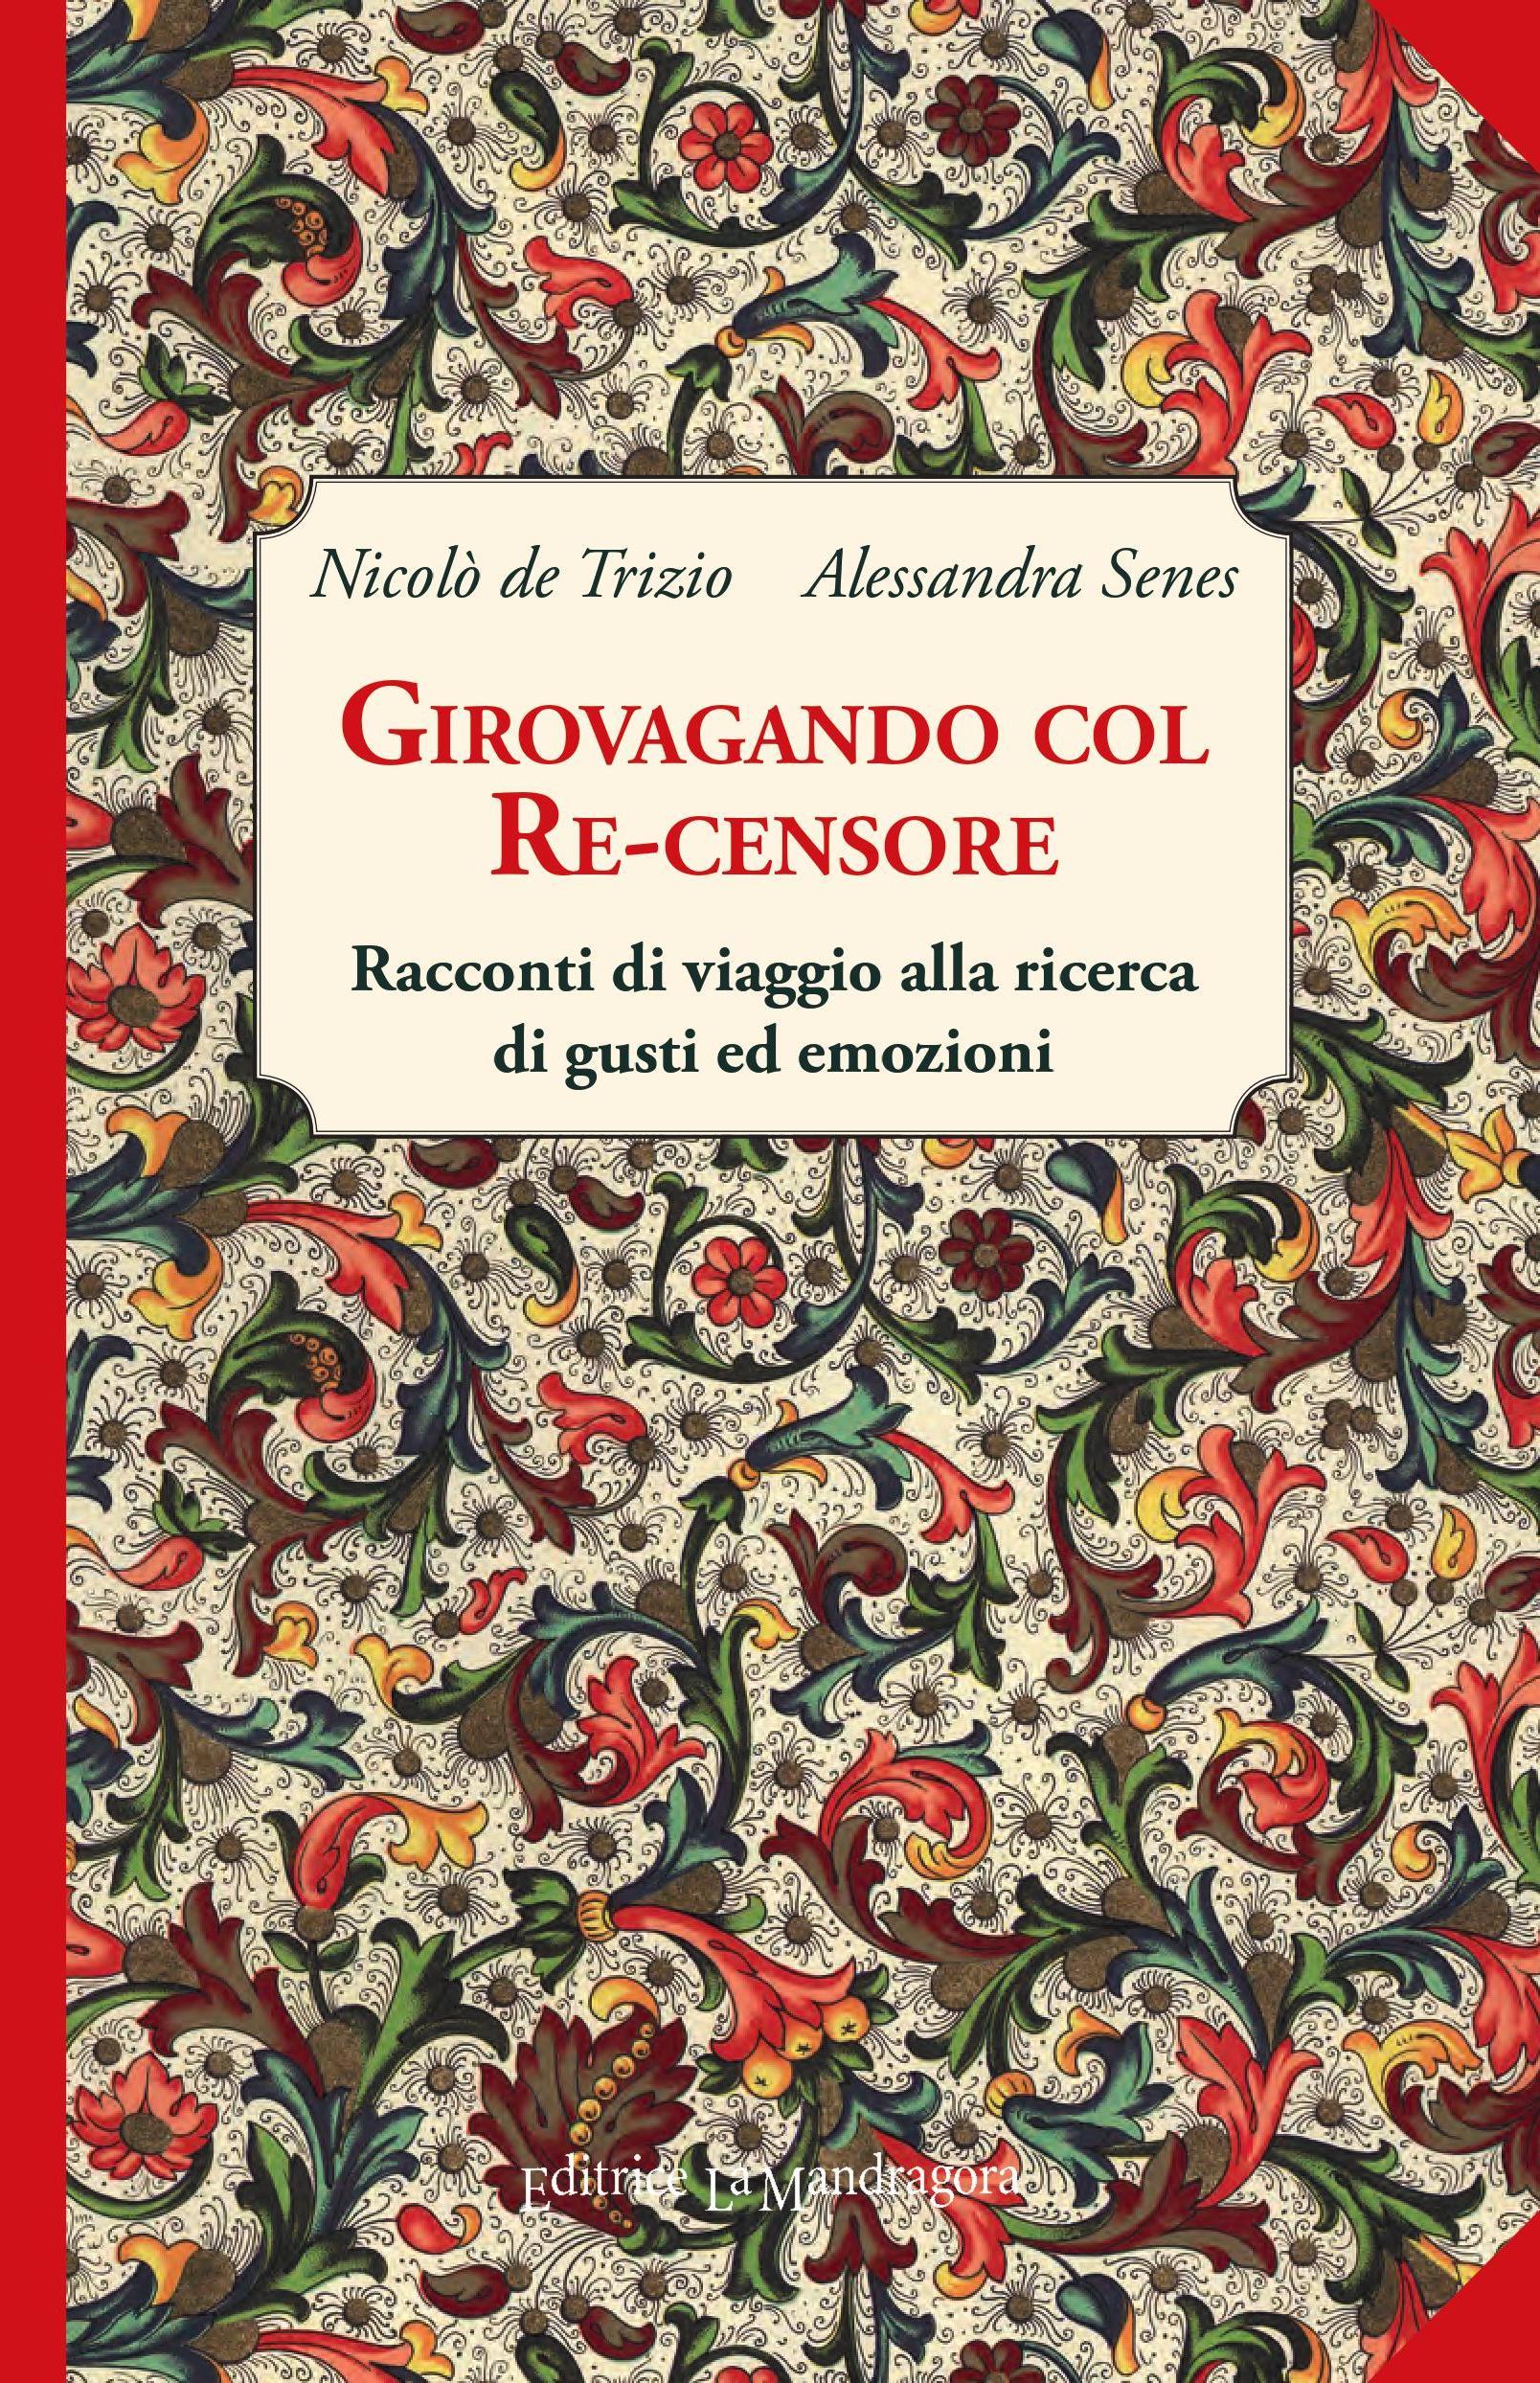 Copertina- Il recensore_Godocoldolce.it